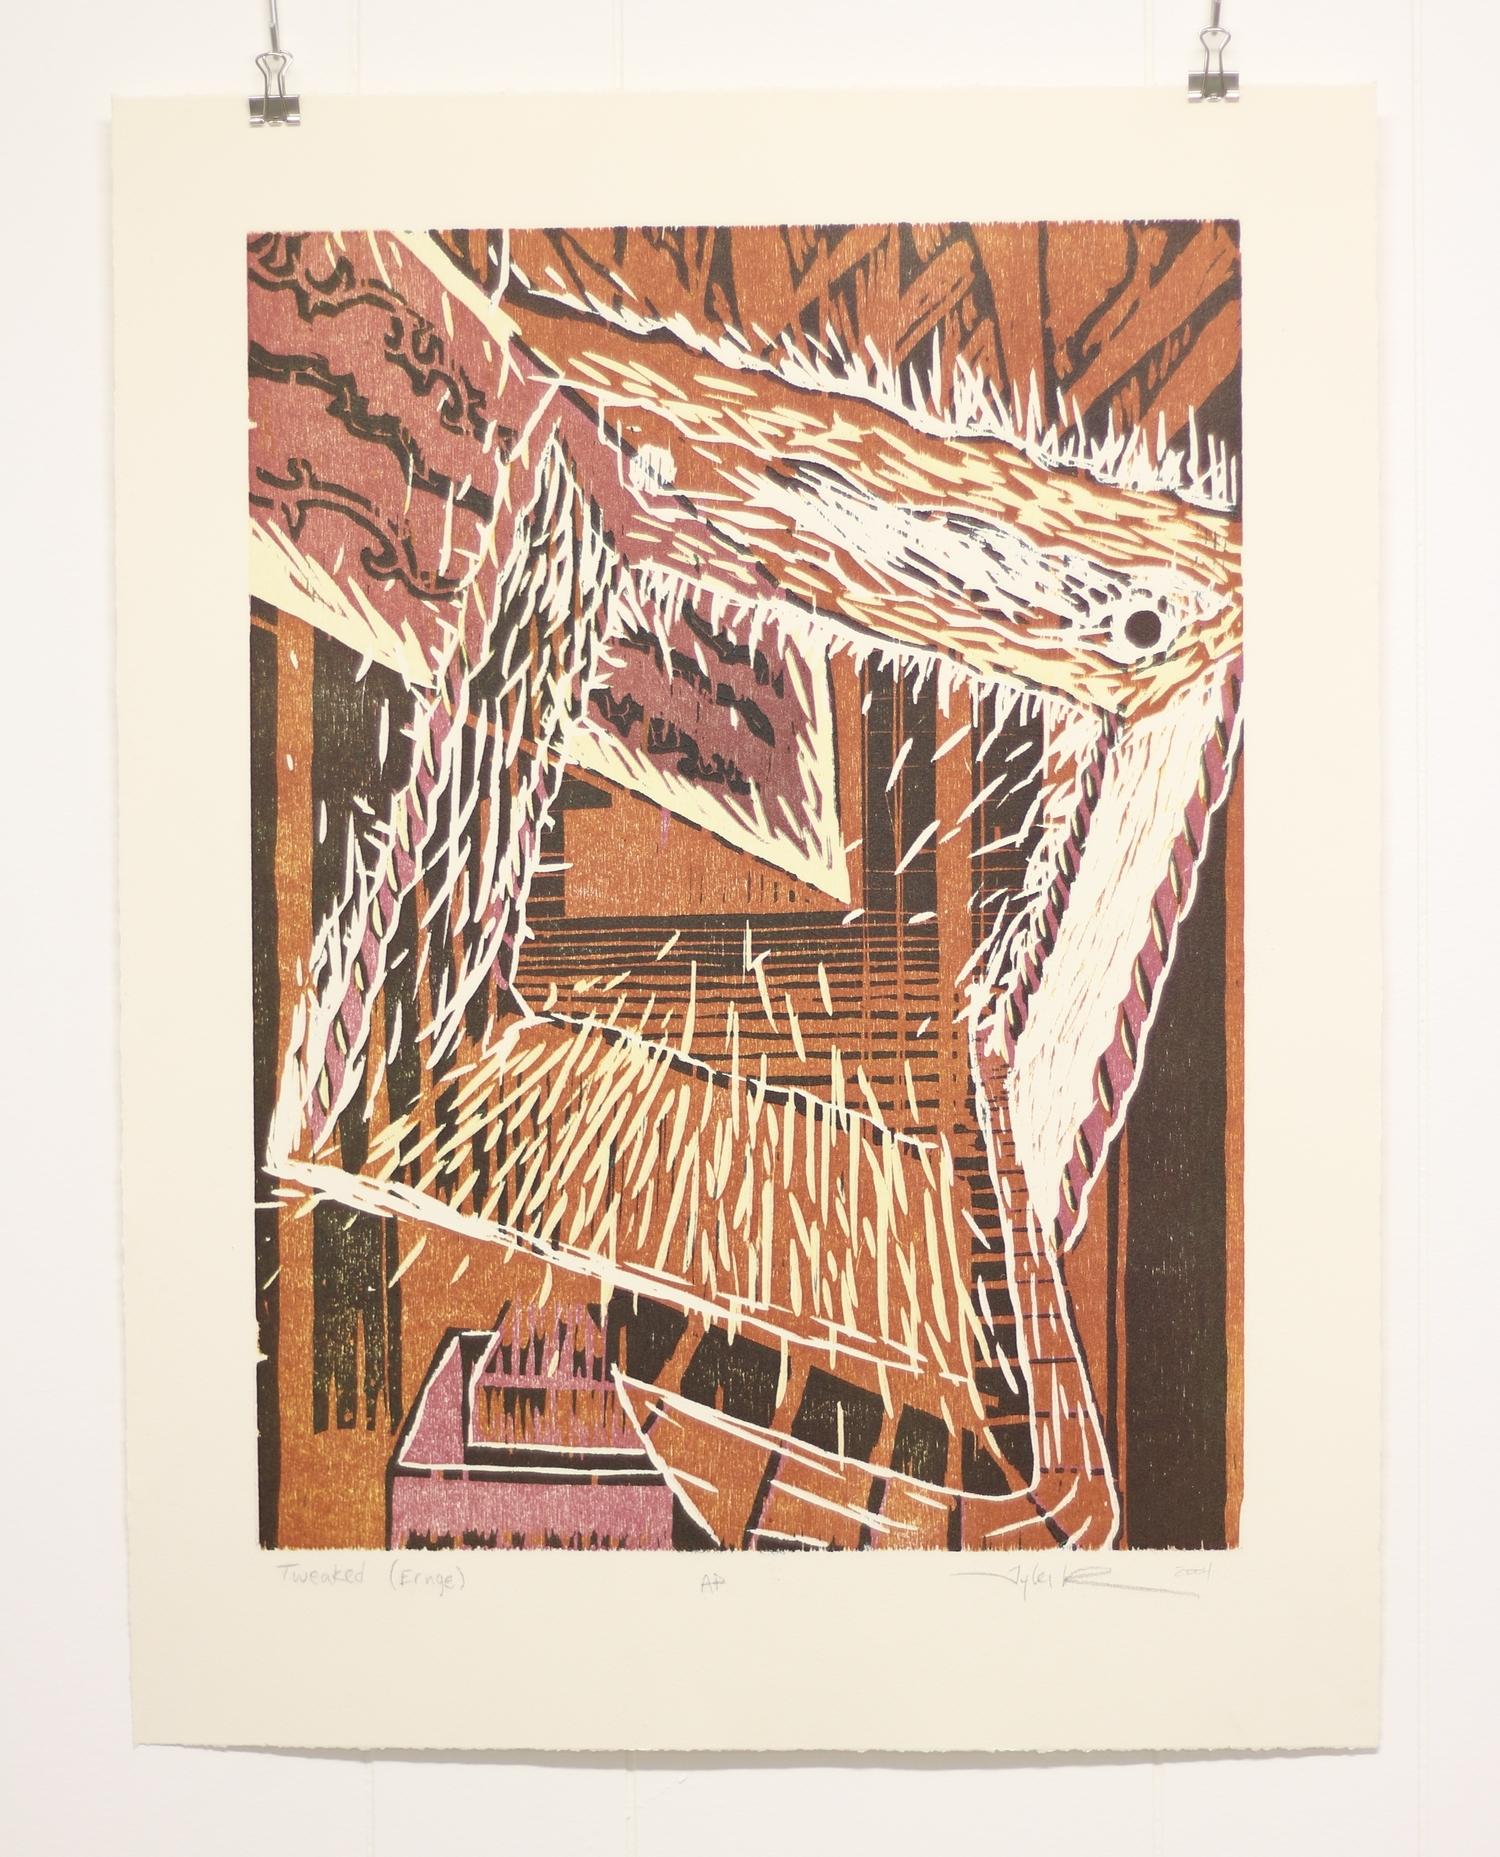 Tweaked (Ernge), 2004